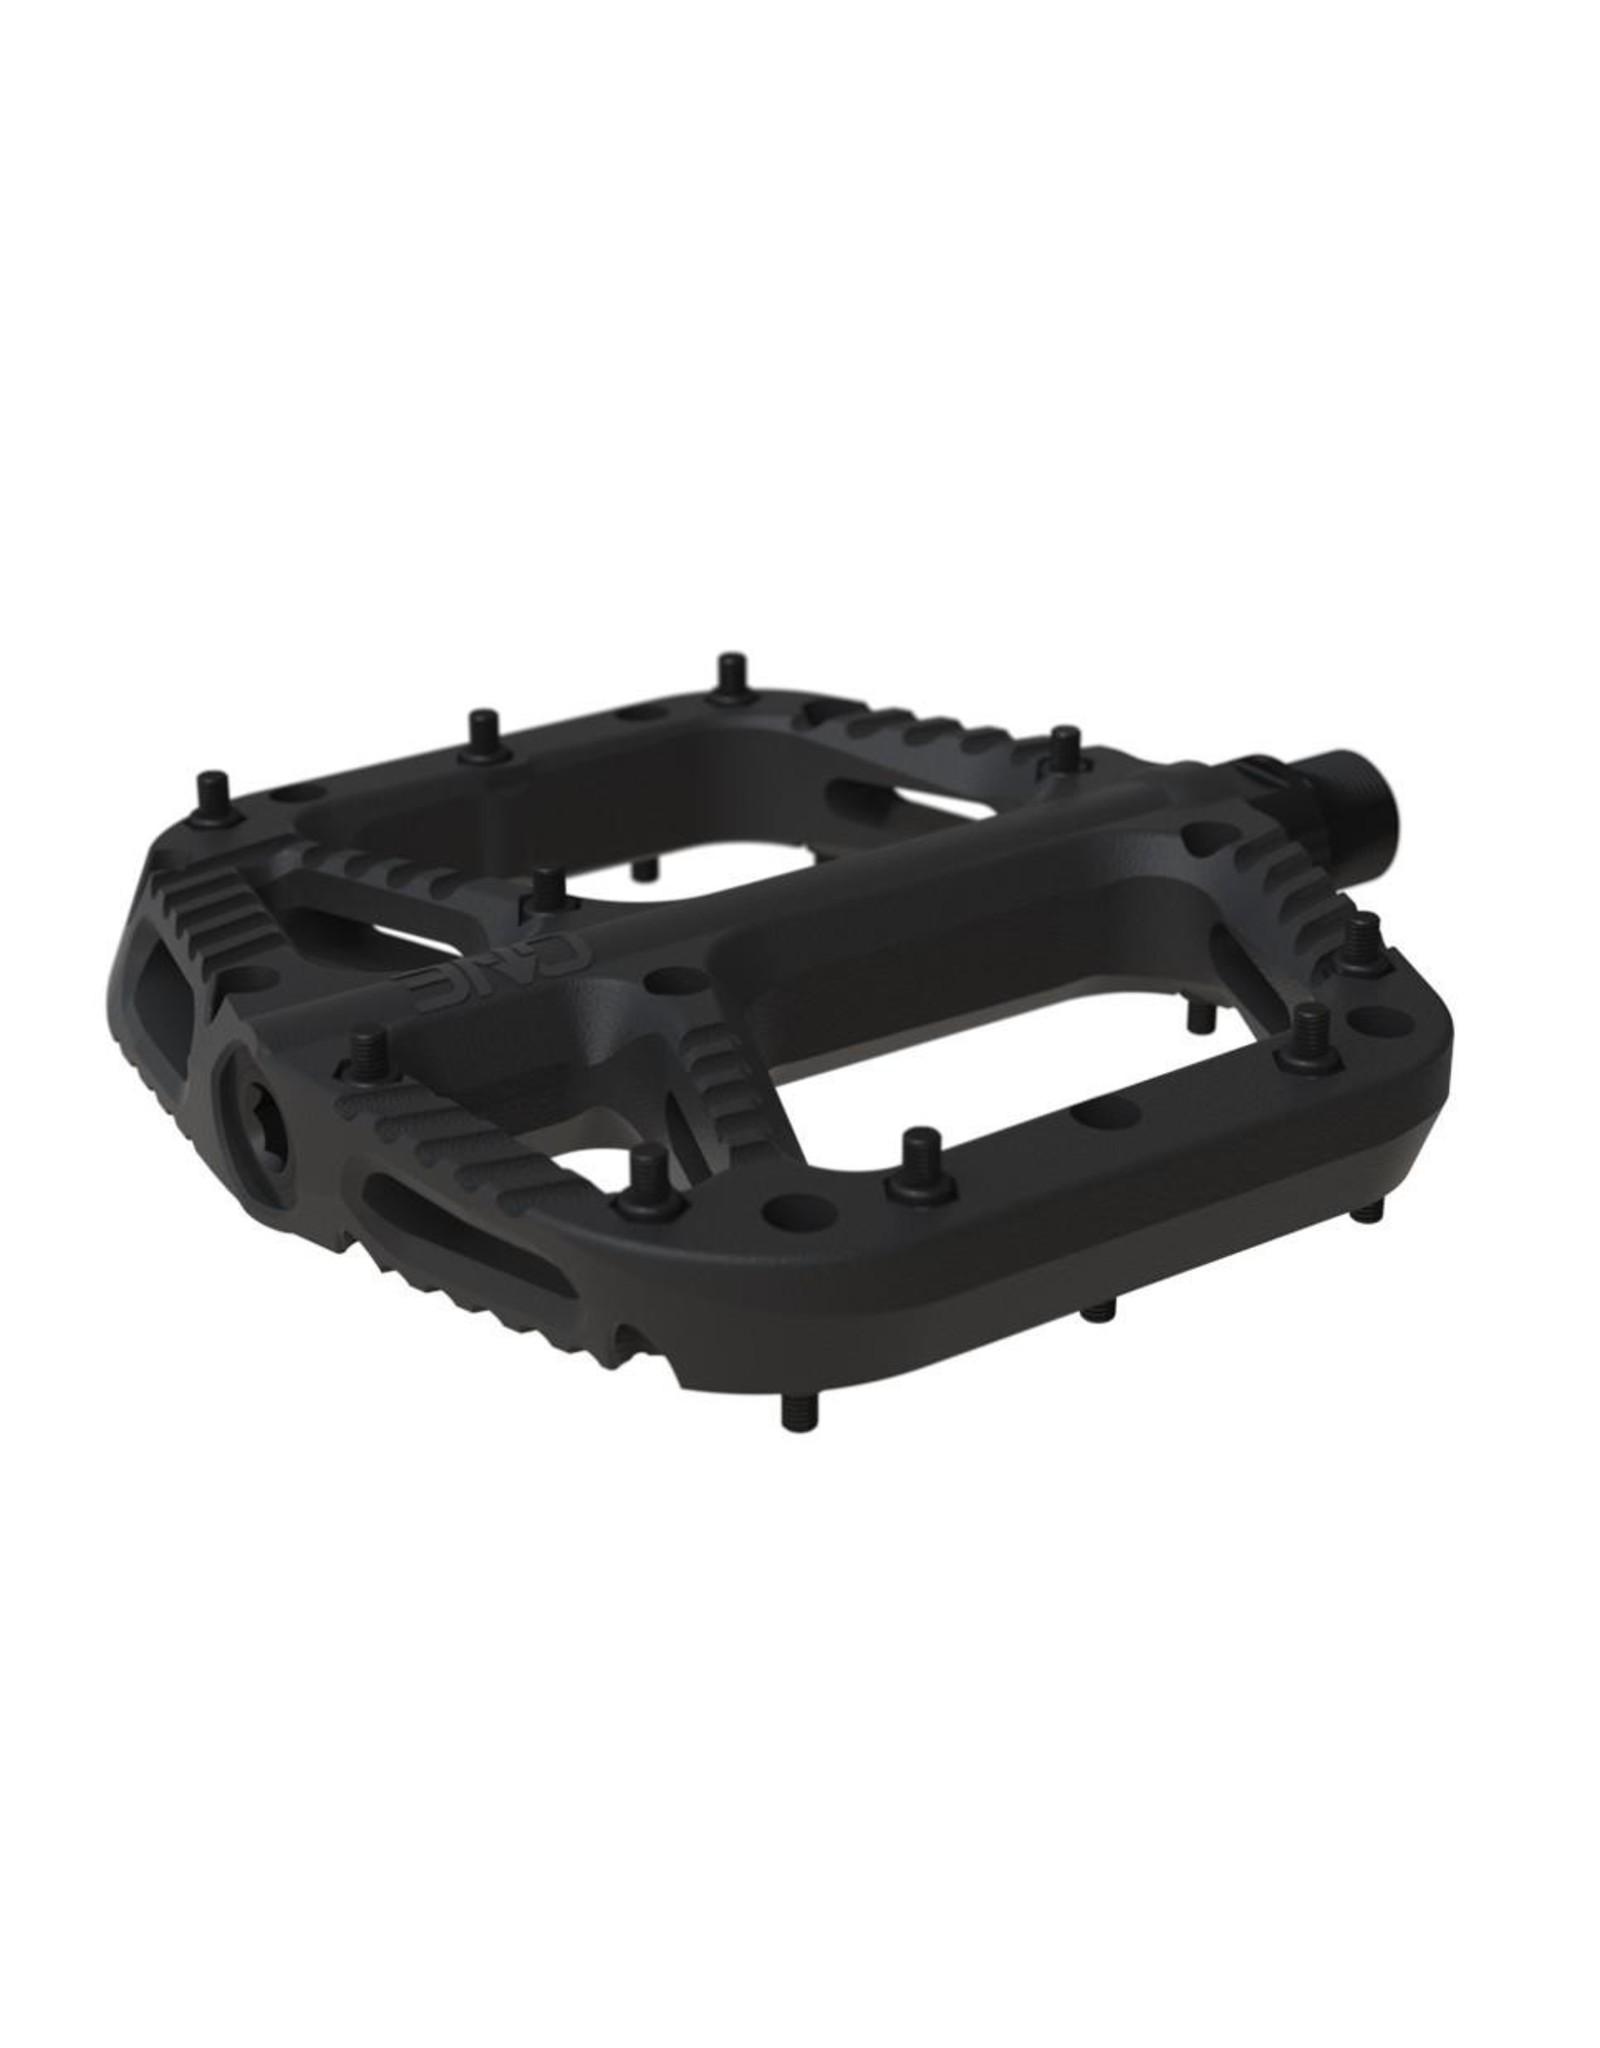 Composite Pedals - BLACK